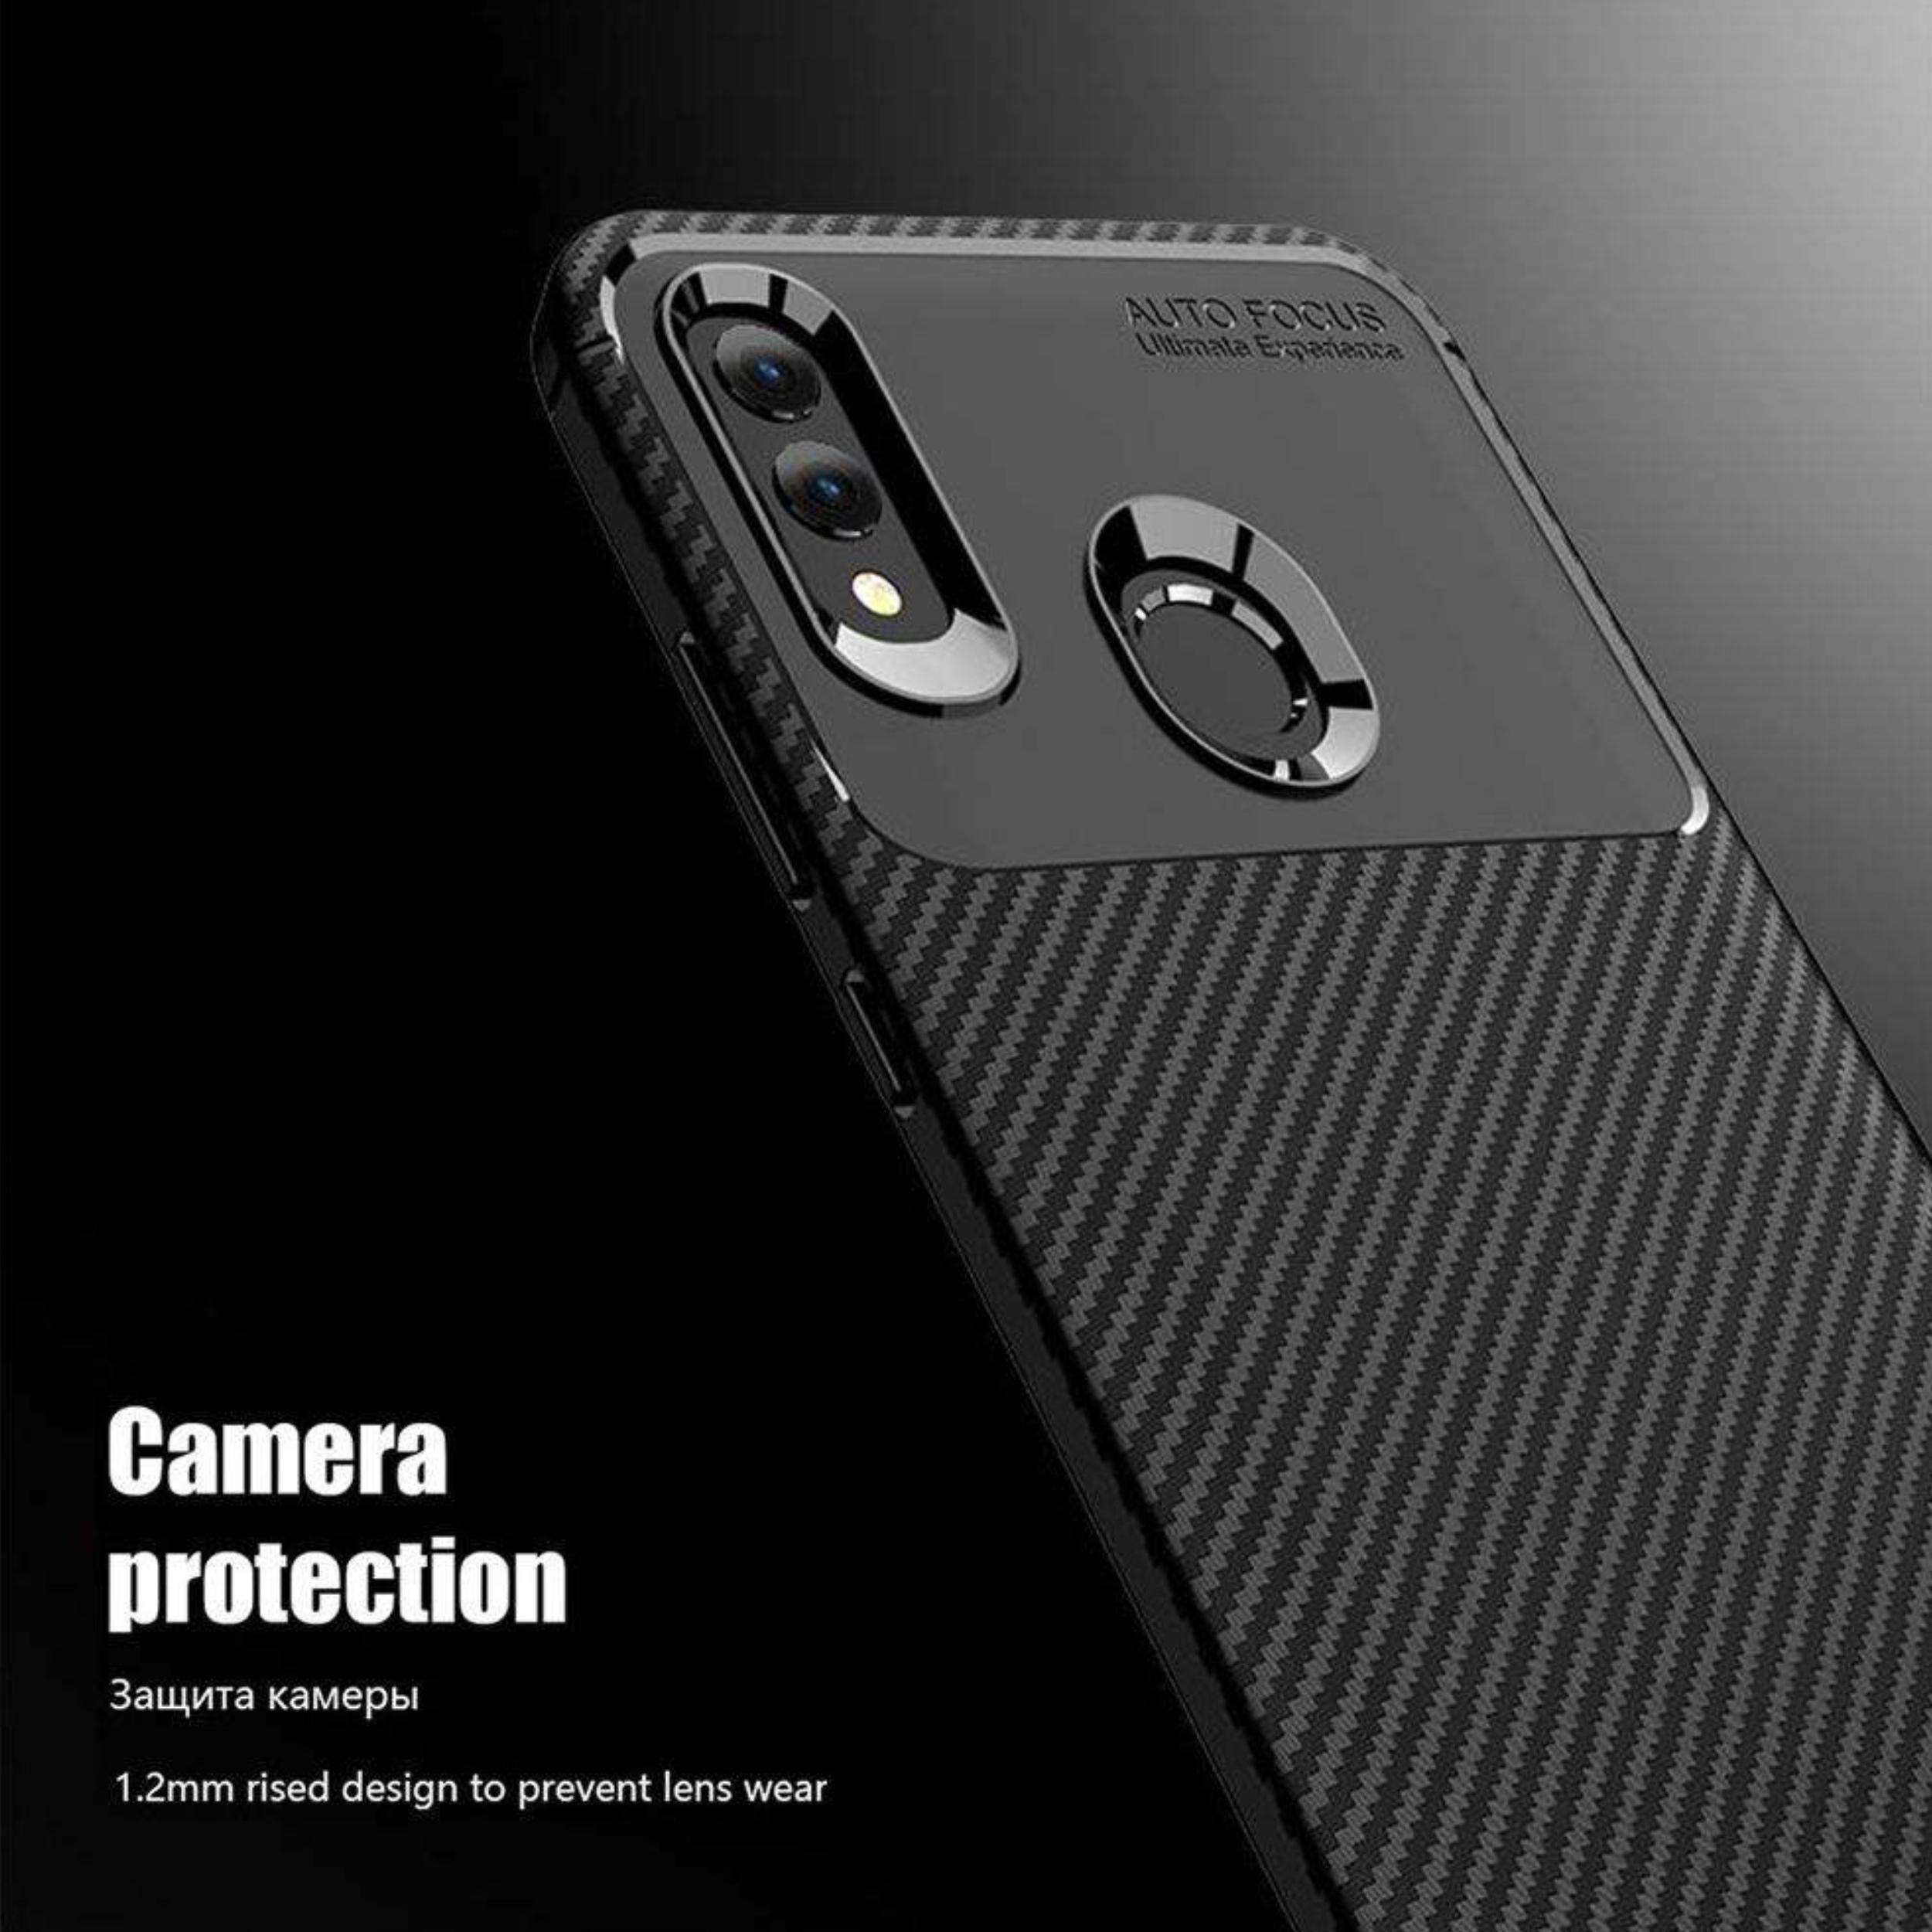 کاور لاین کینگ مدل A21 مناسب برای گوشی موبایل هوآوی P Smart 2019/ آنر 10Lite thumb 2 8